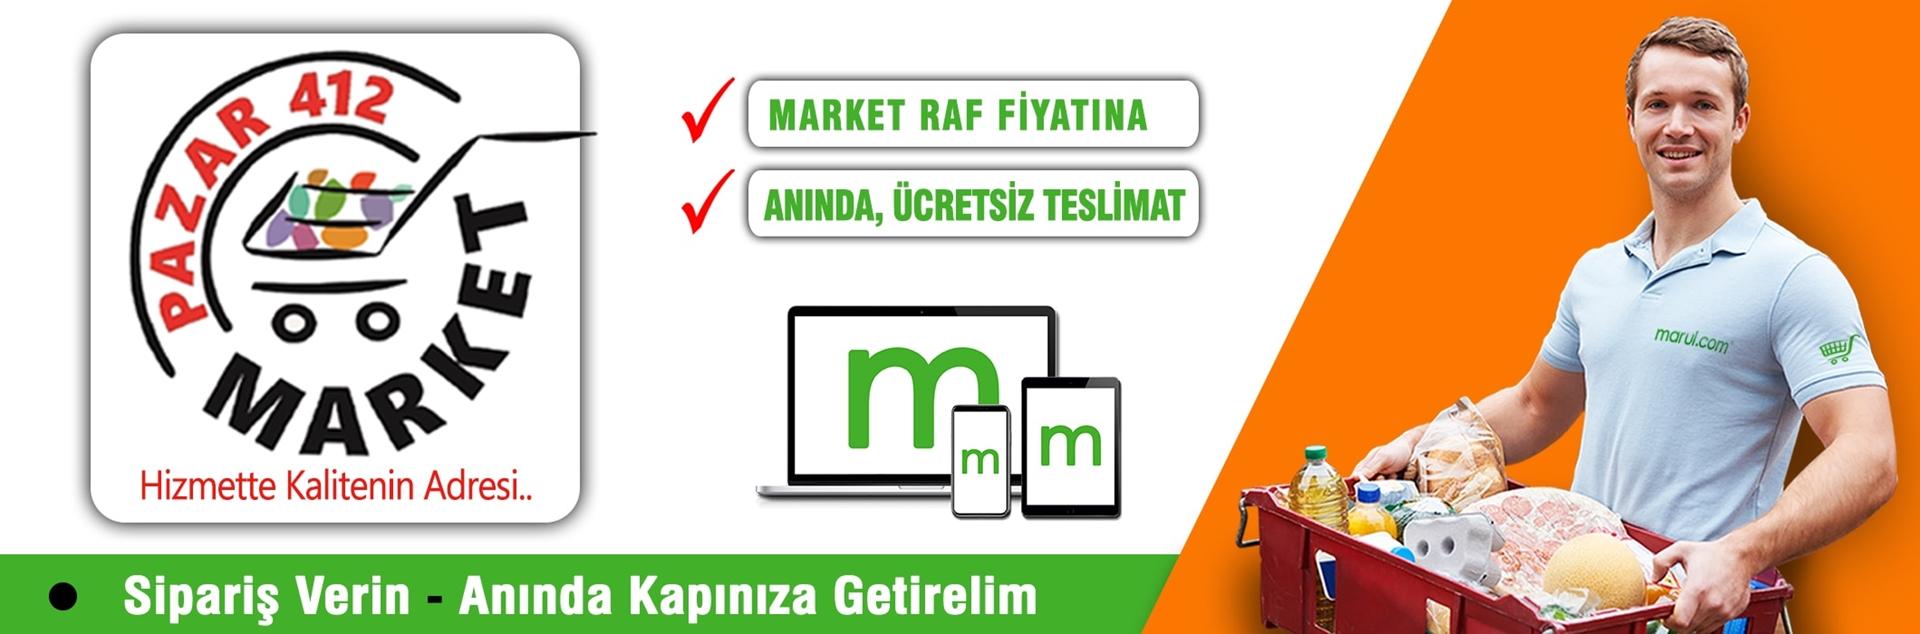 diyarbakır pazar 412 online market alışverişi